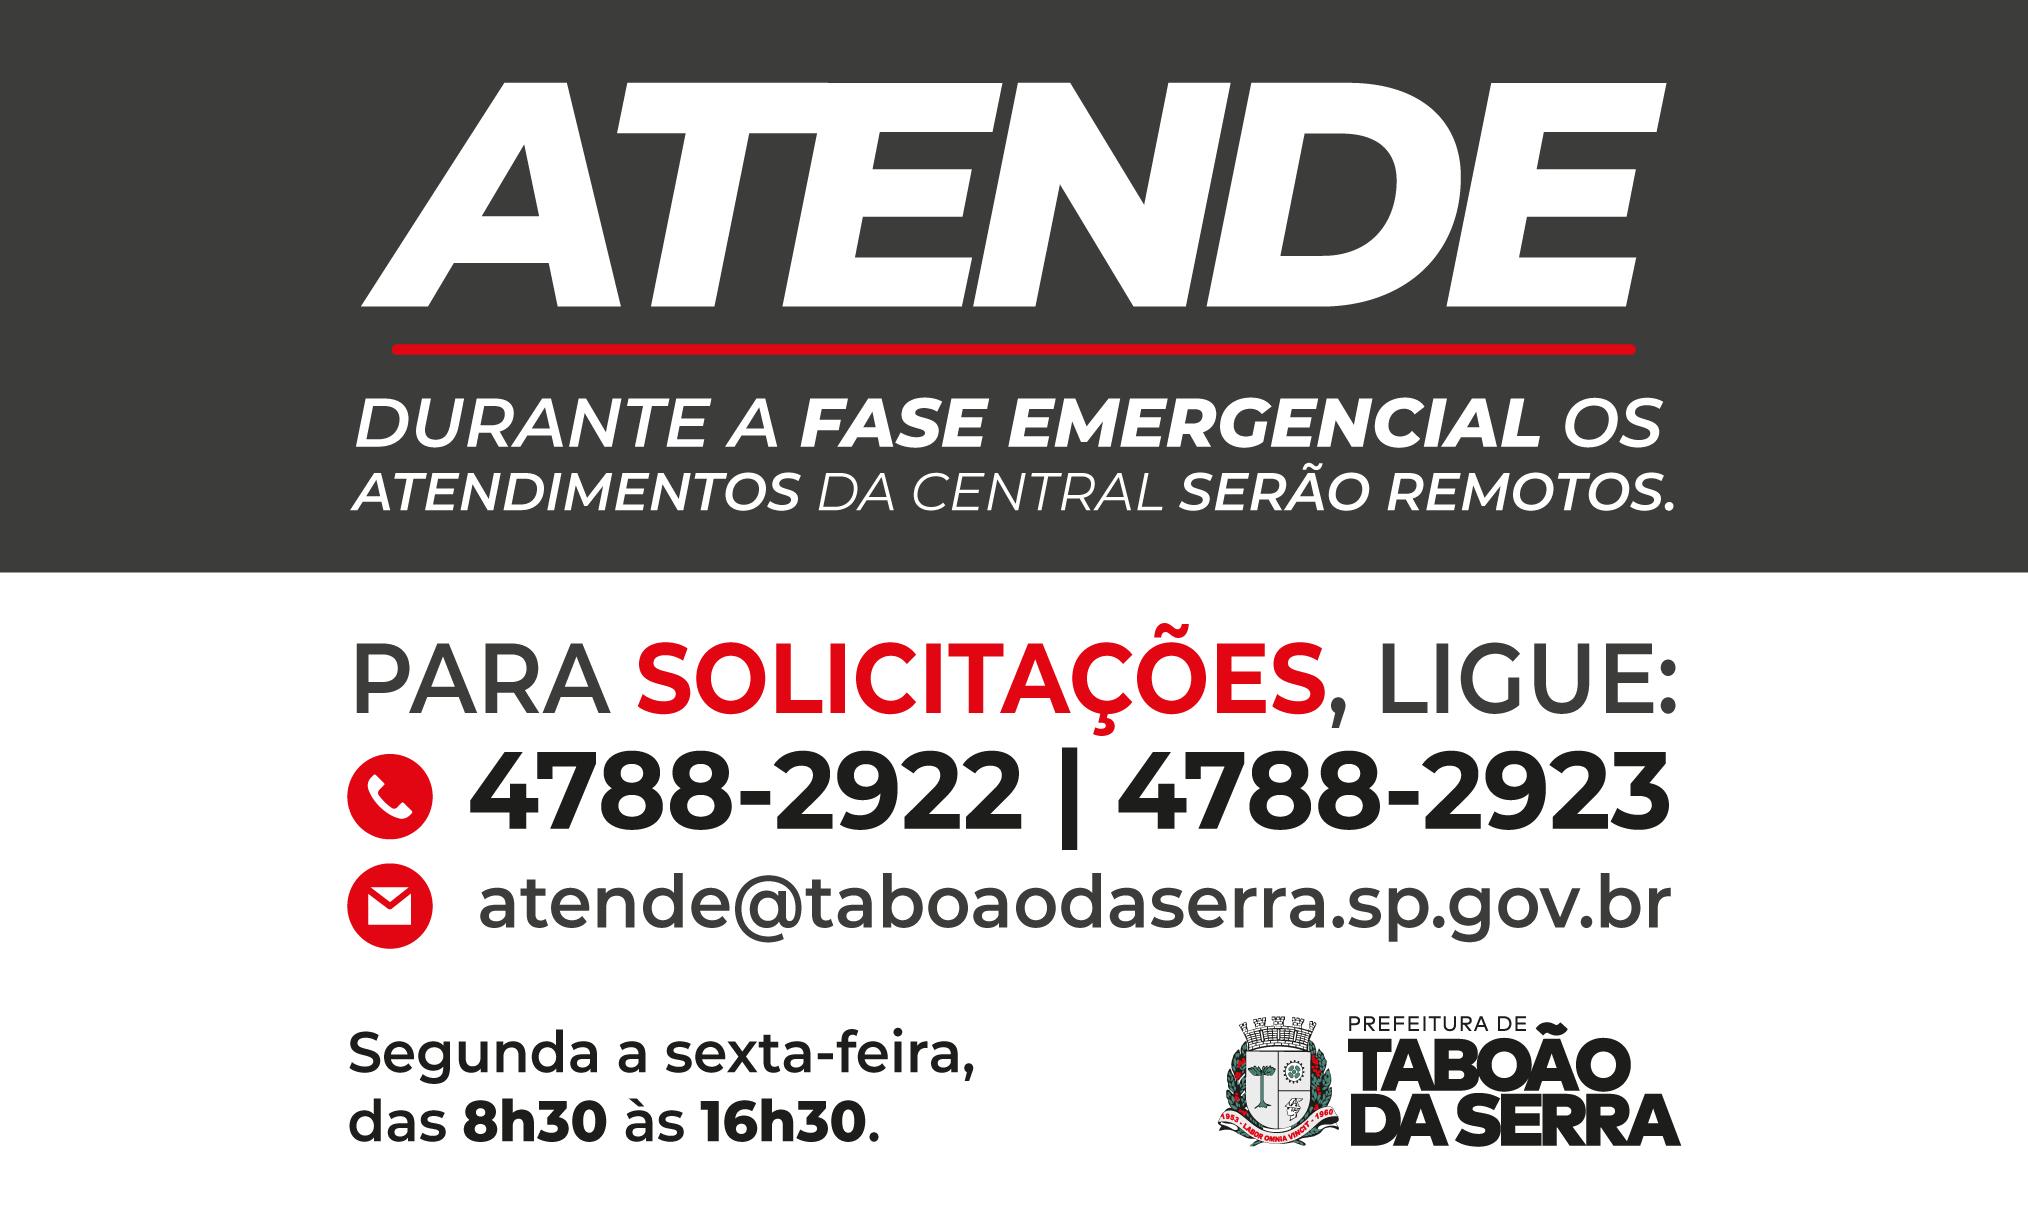 Administração adota atendimento remoto no Atende durante Fase Emergencial